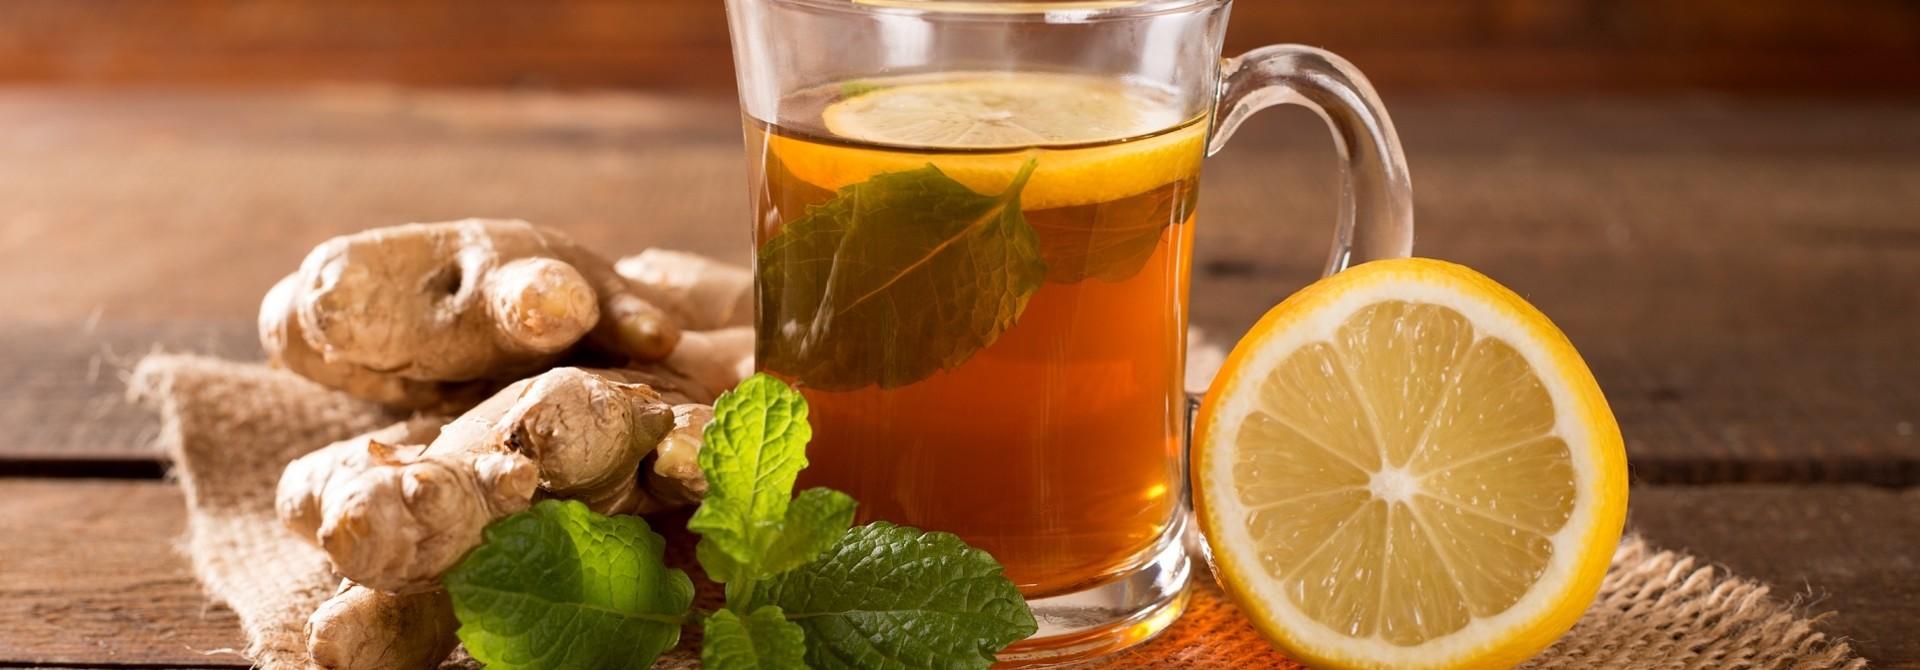 Pu Erh Tee aromatisiert